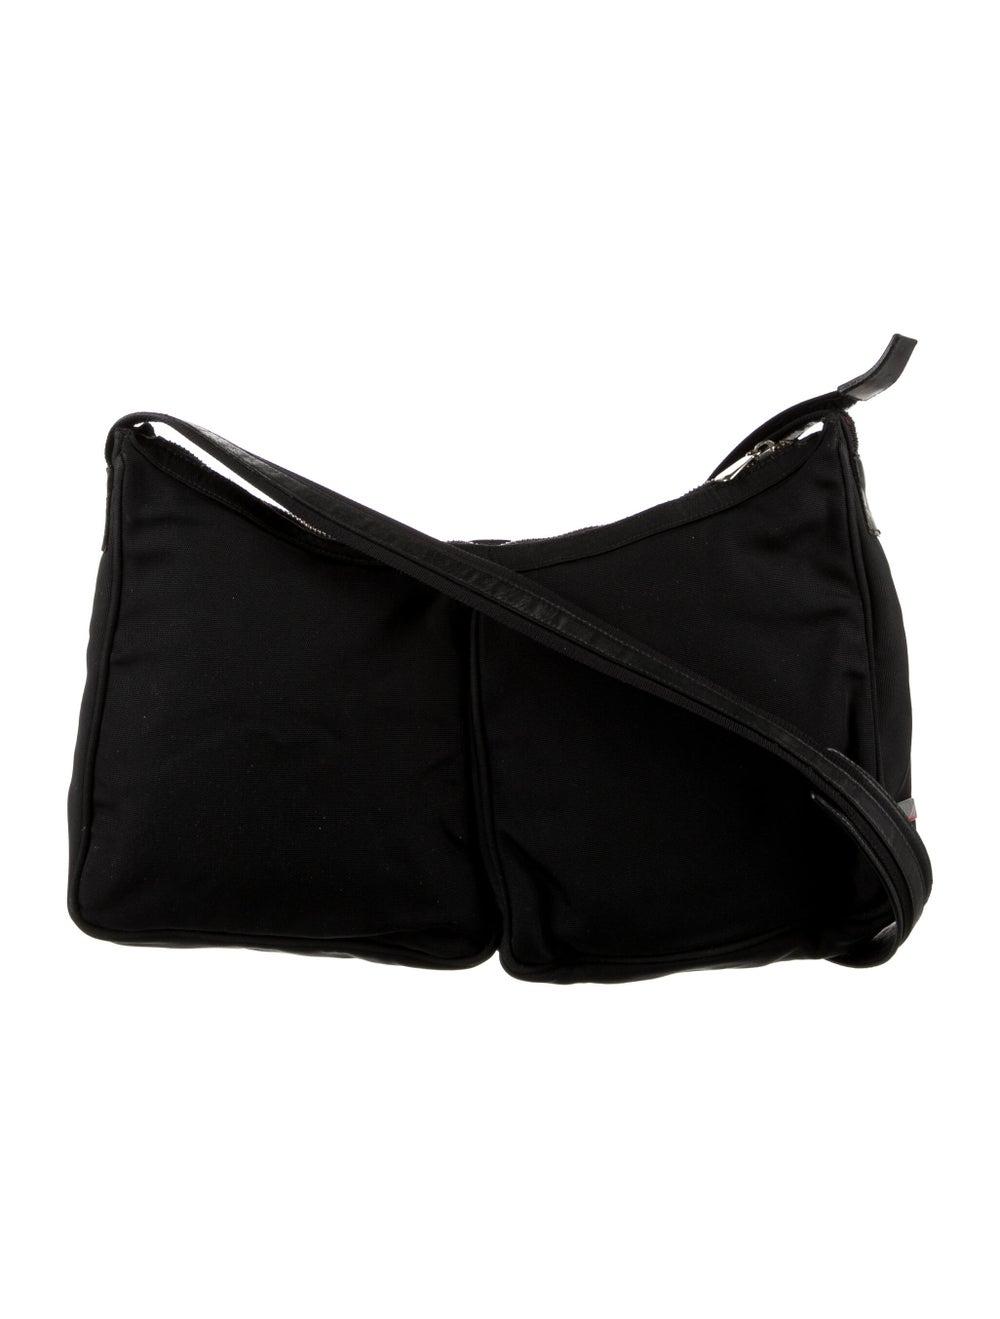 Gucci Nylon Shoulder Bag Black - image 4